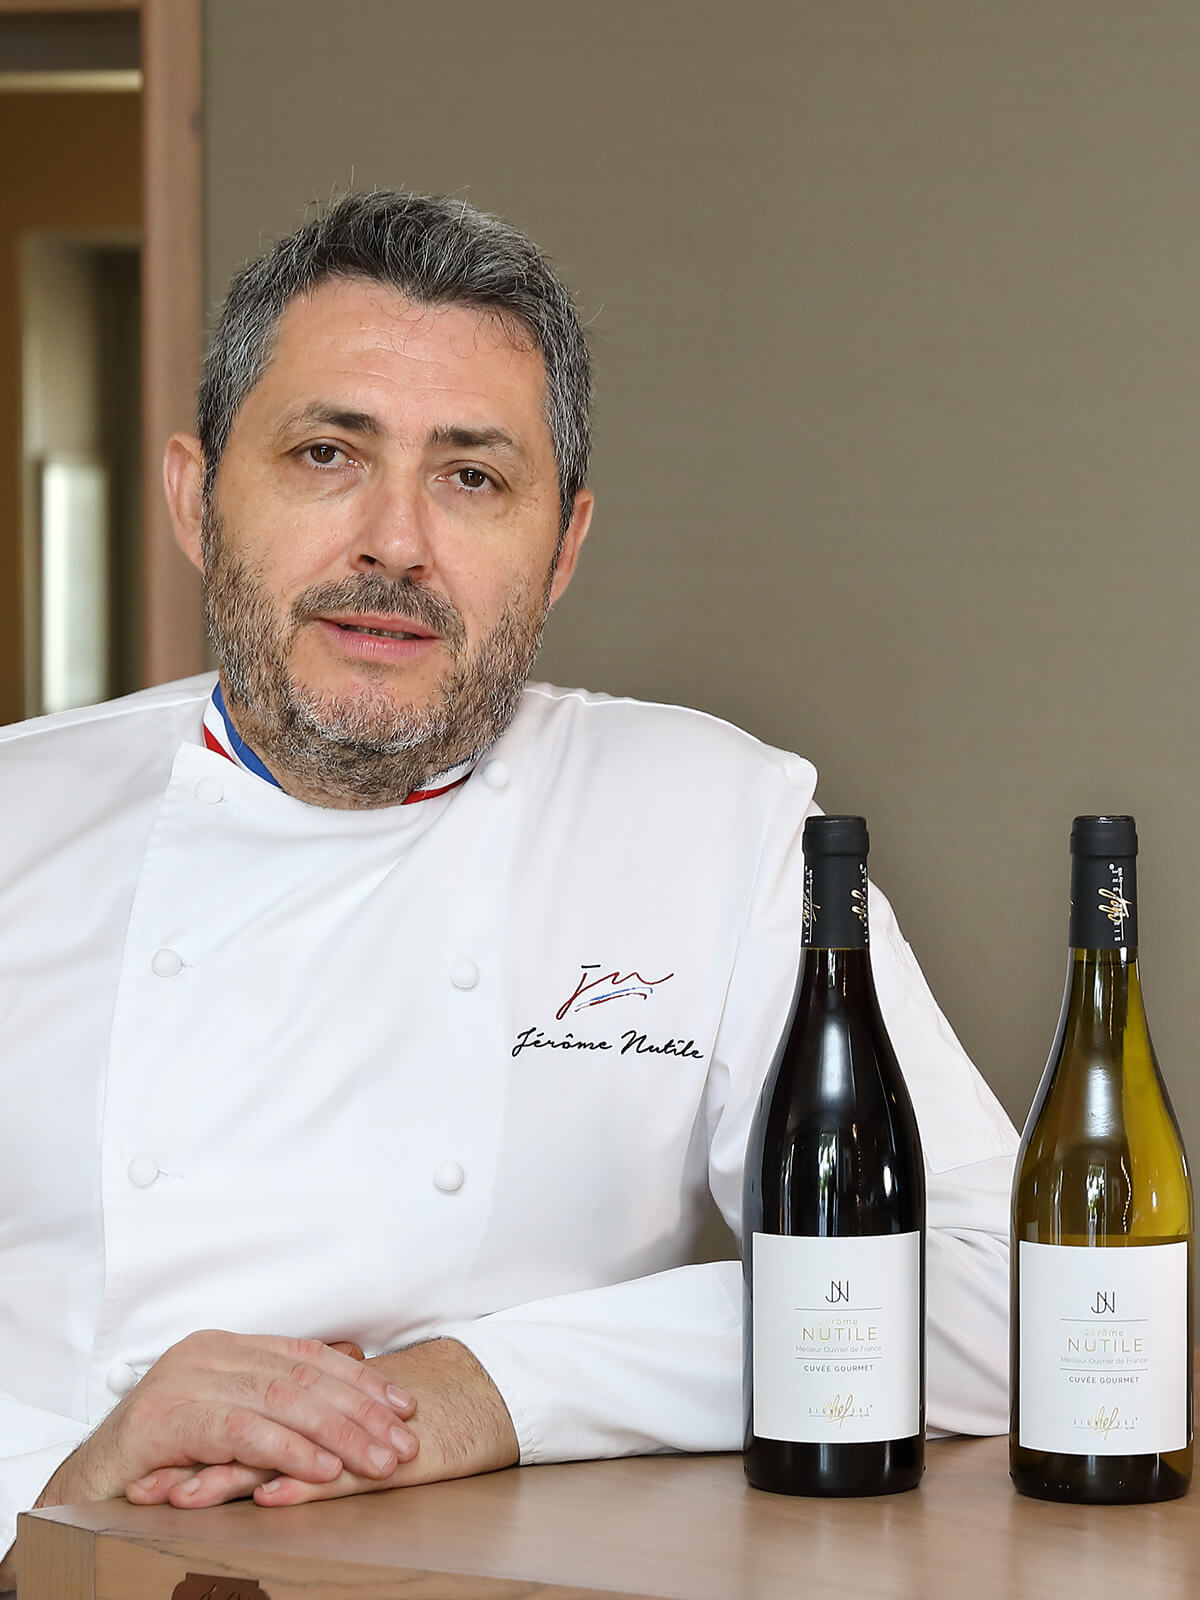 vin Jérôme Nutile - Signature chef